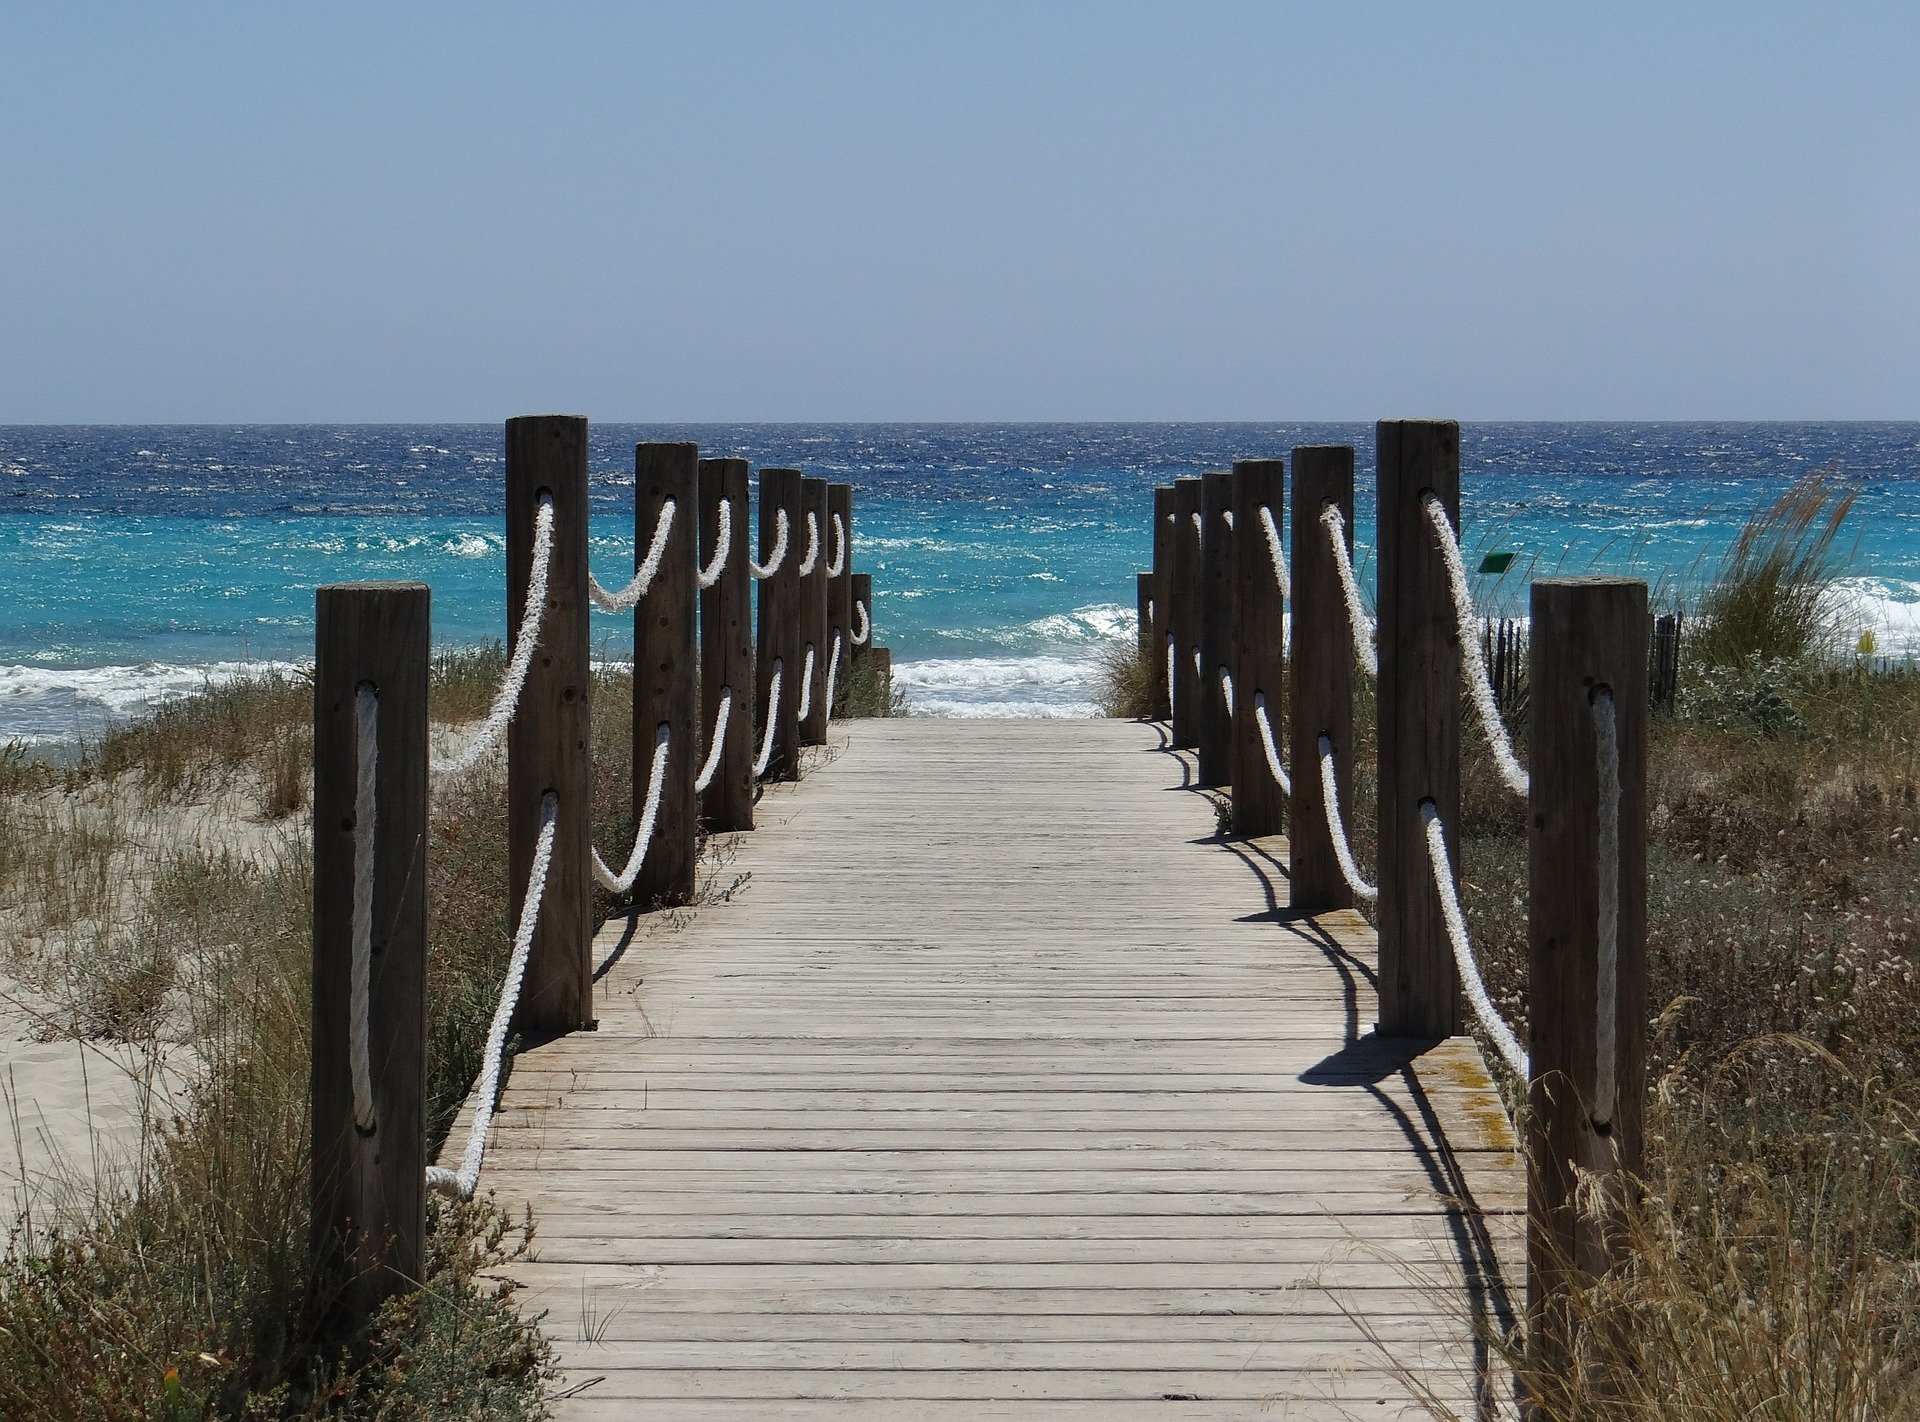 Menorca Steg zum Strand buchen Sie Ihren Urlaub nach Menorca billig wie selten zuvor in einem Appartment